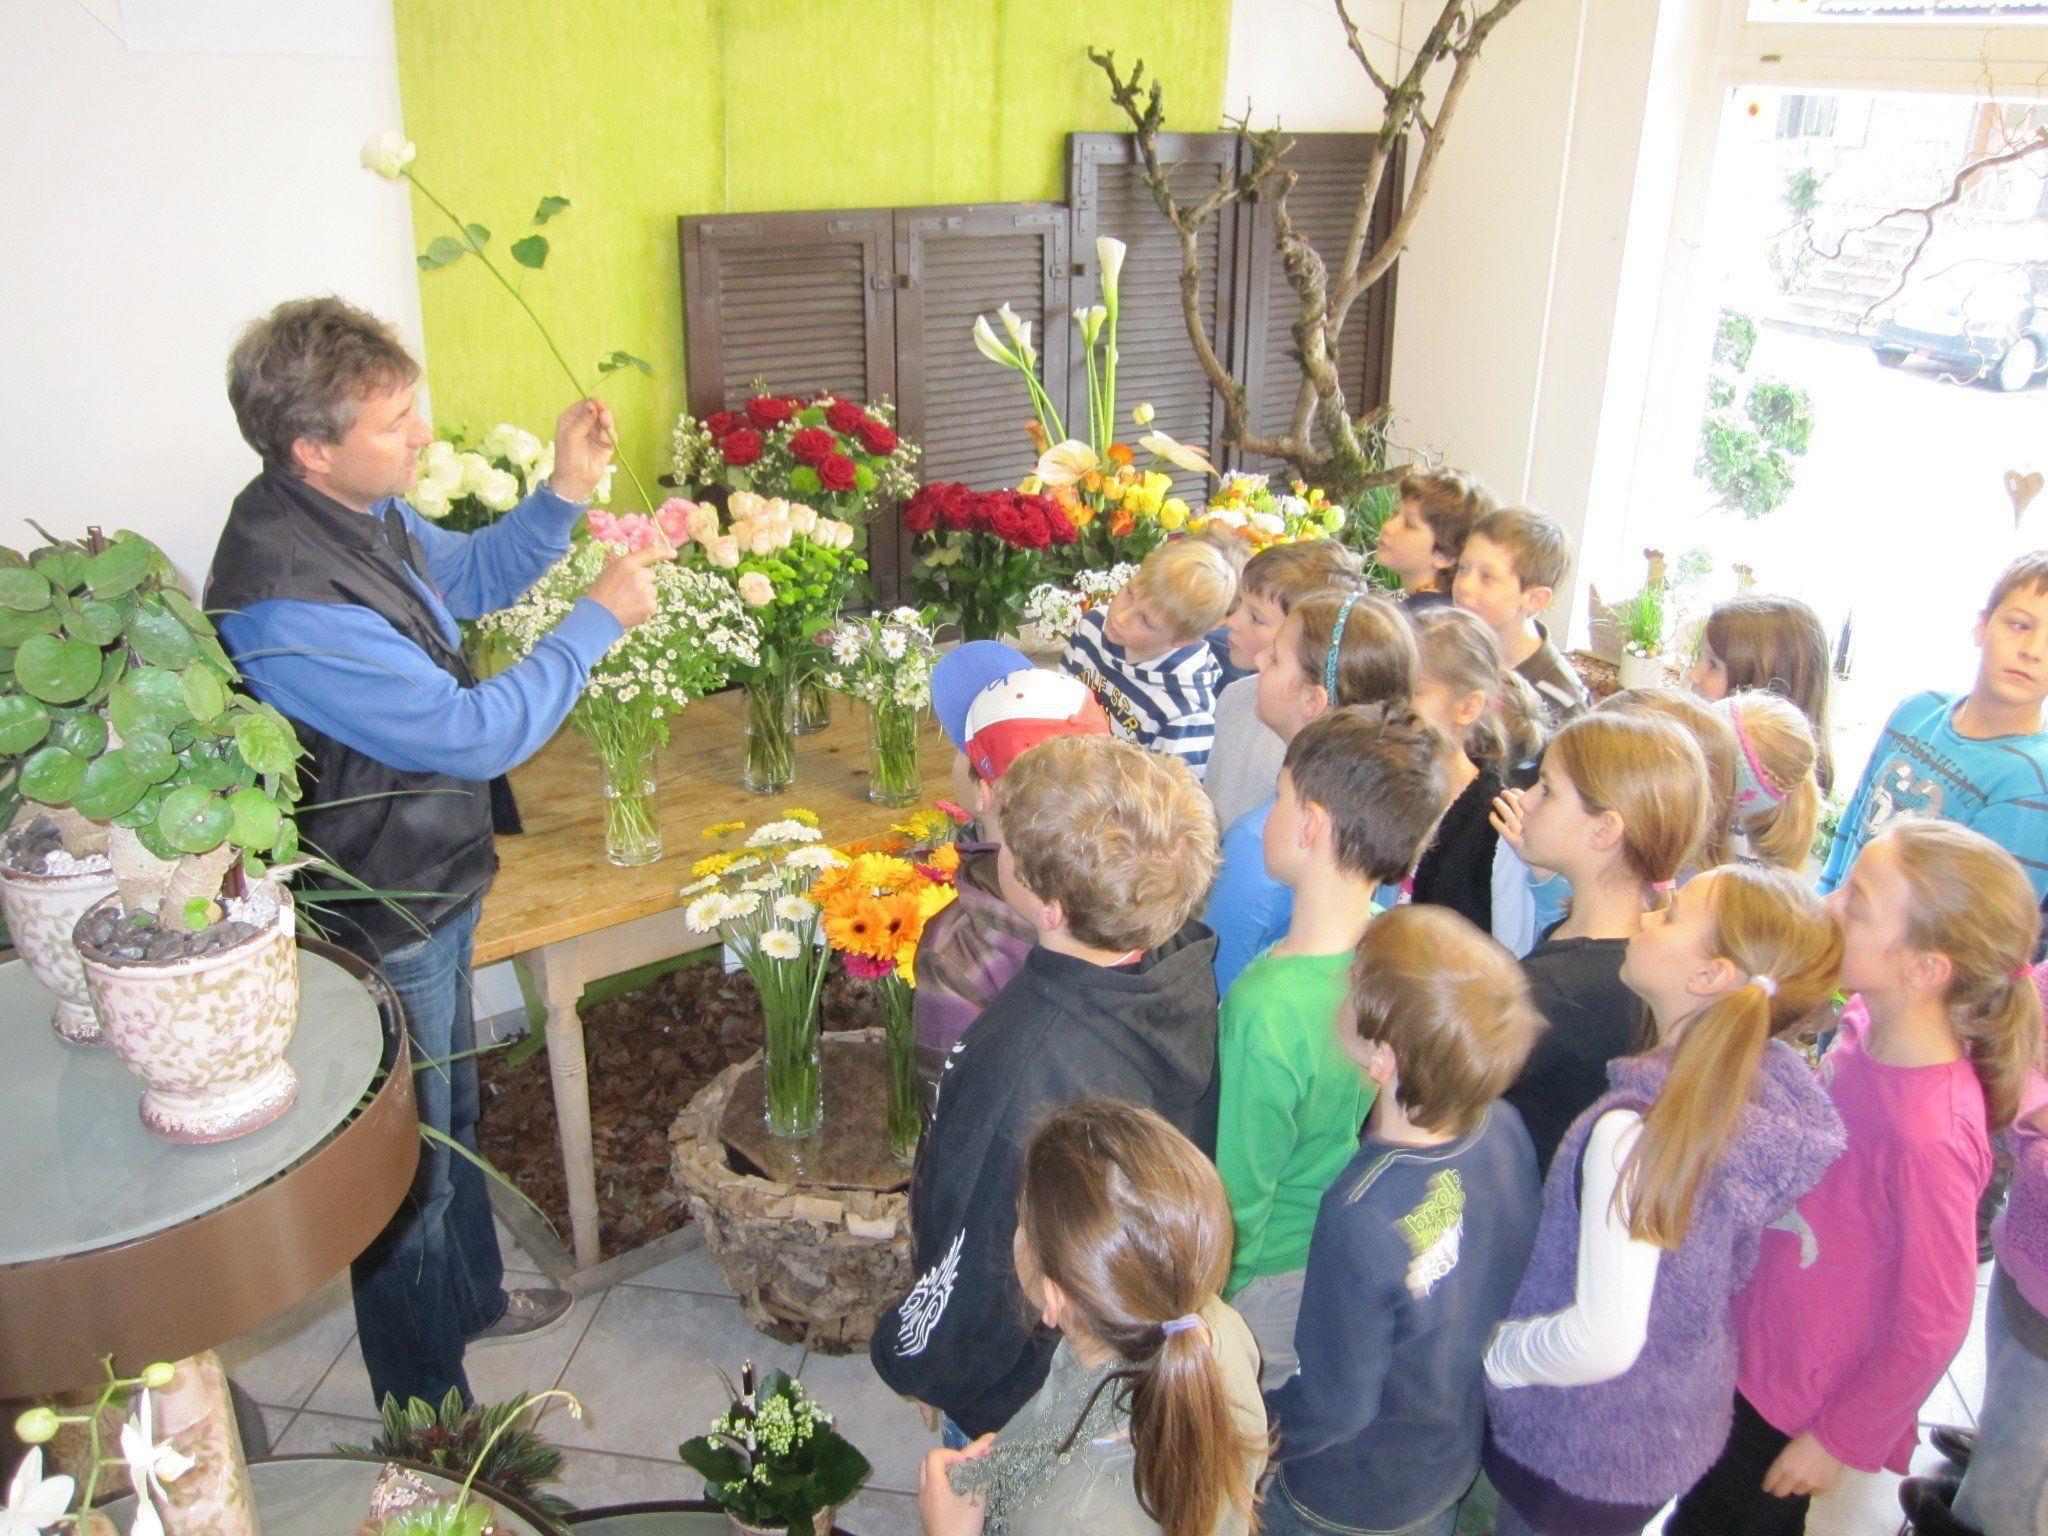 Lehrreich war der Besuch in der Gärtnerei für die Schülerinnen und Schüler der Volksschule Vandans.